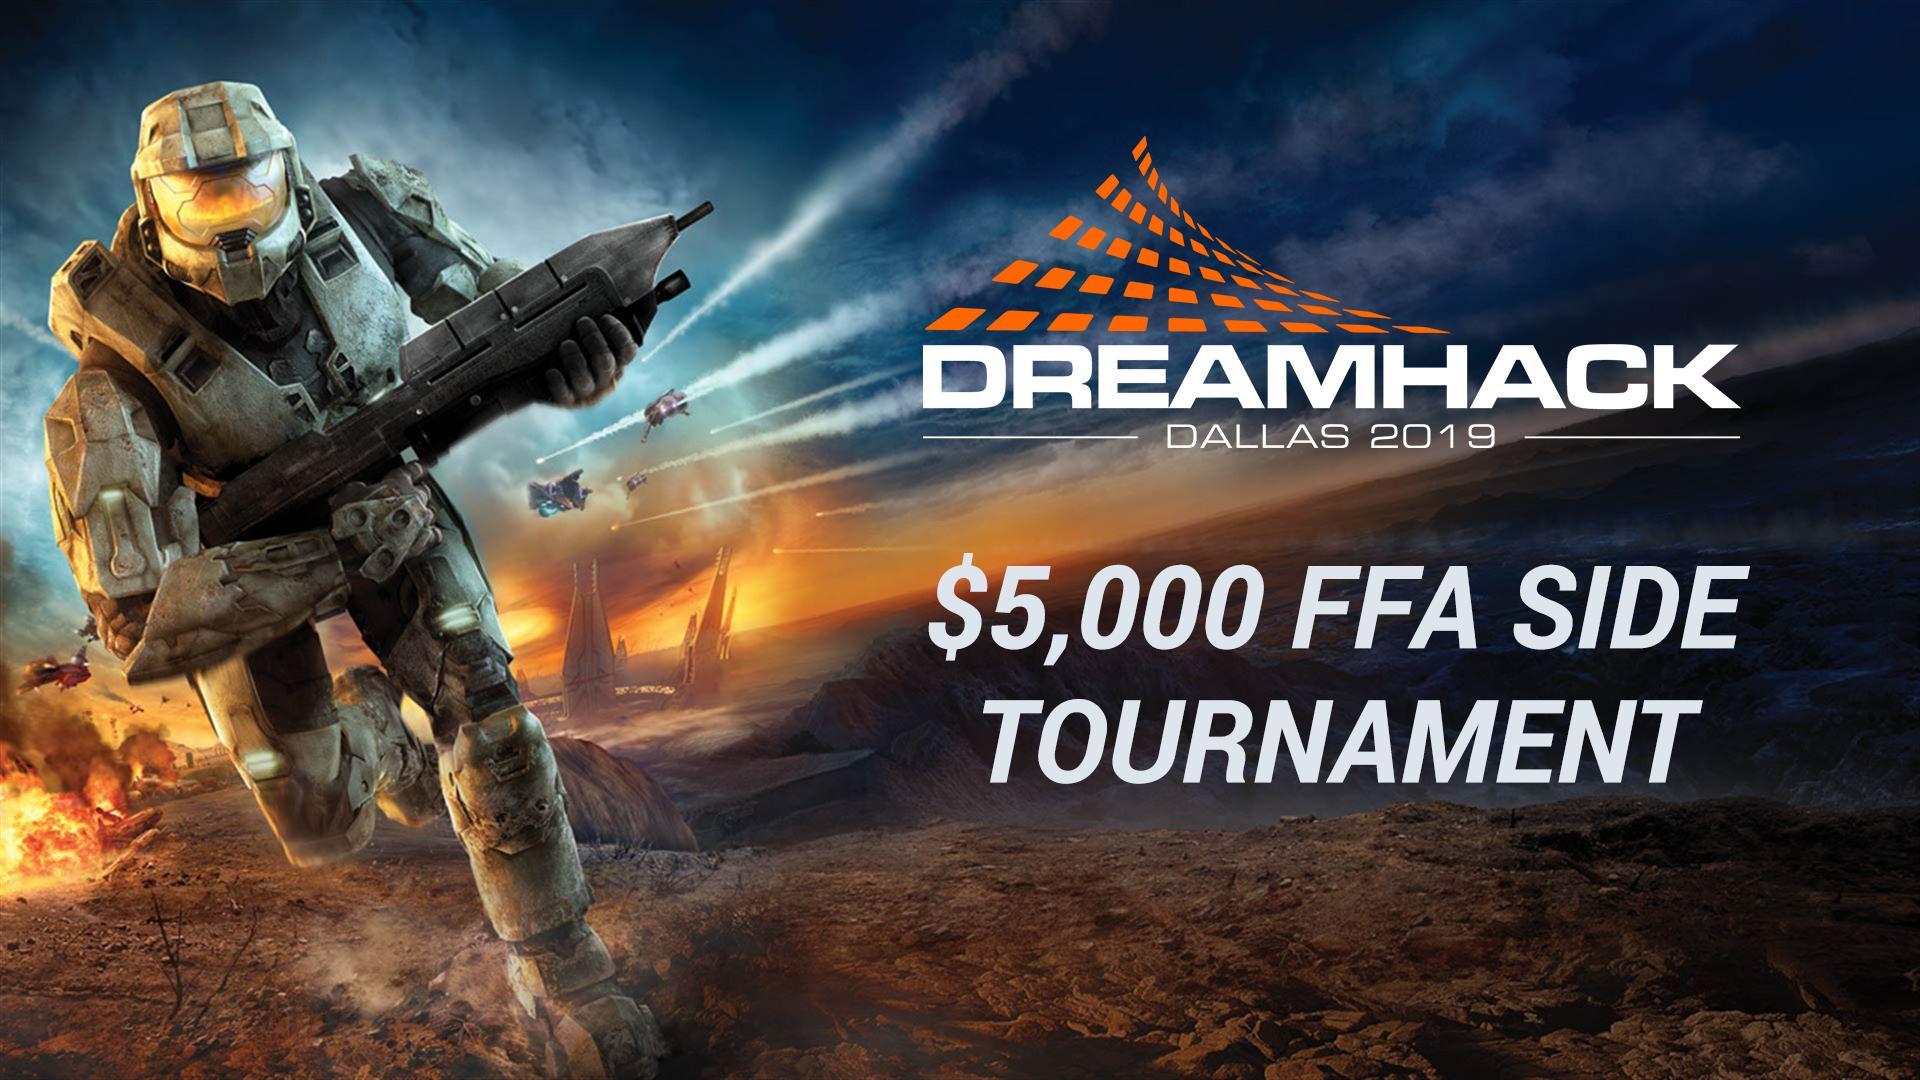 DreamHack Dallas FFA Announced